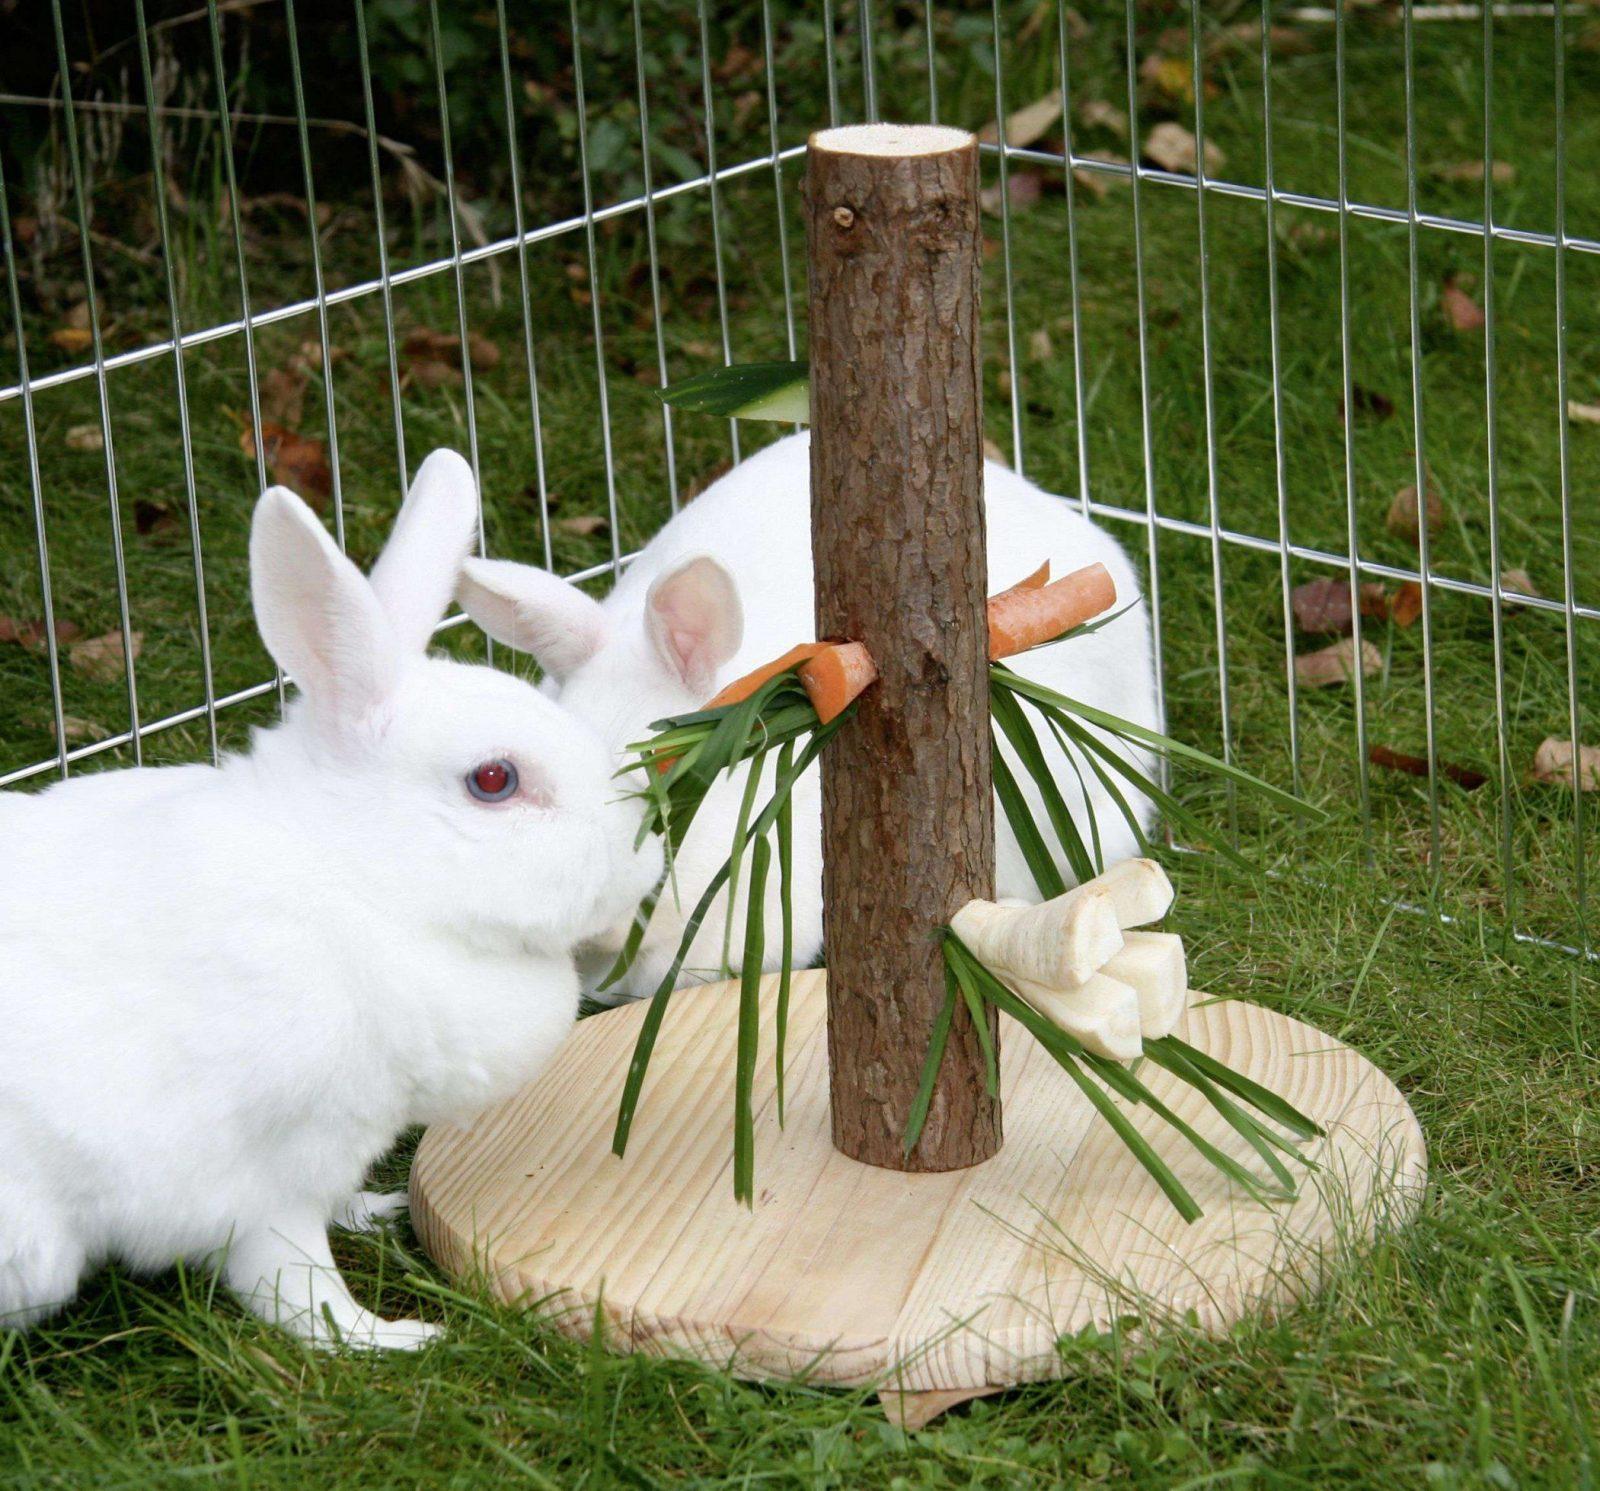 Kaninchen Spielzeug Selber Bauen  Swalif von Spielzeug Für Kaninchen Selber Machen Bild